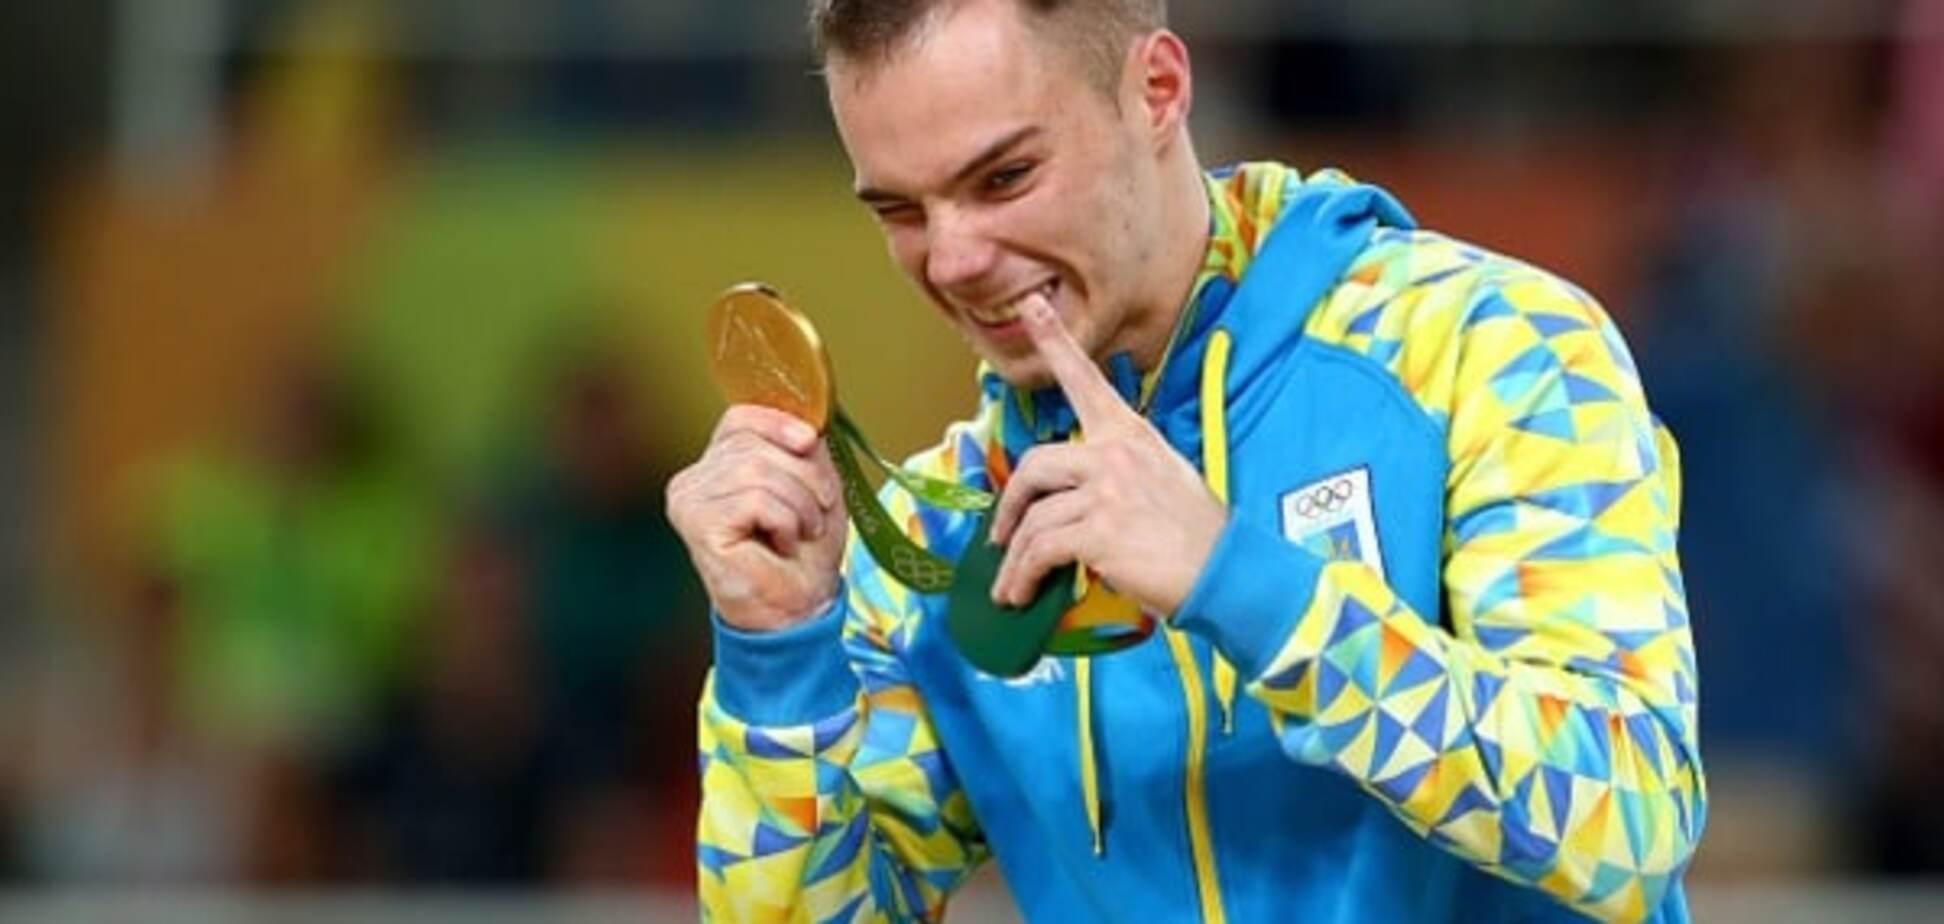 Олег Верняев - олимпийский чемпион Рио